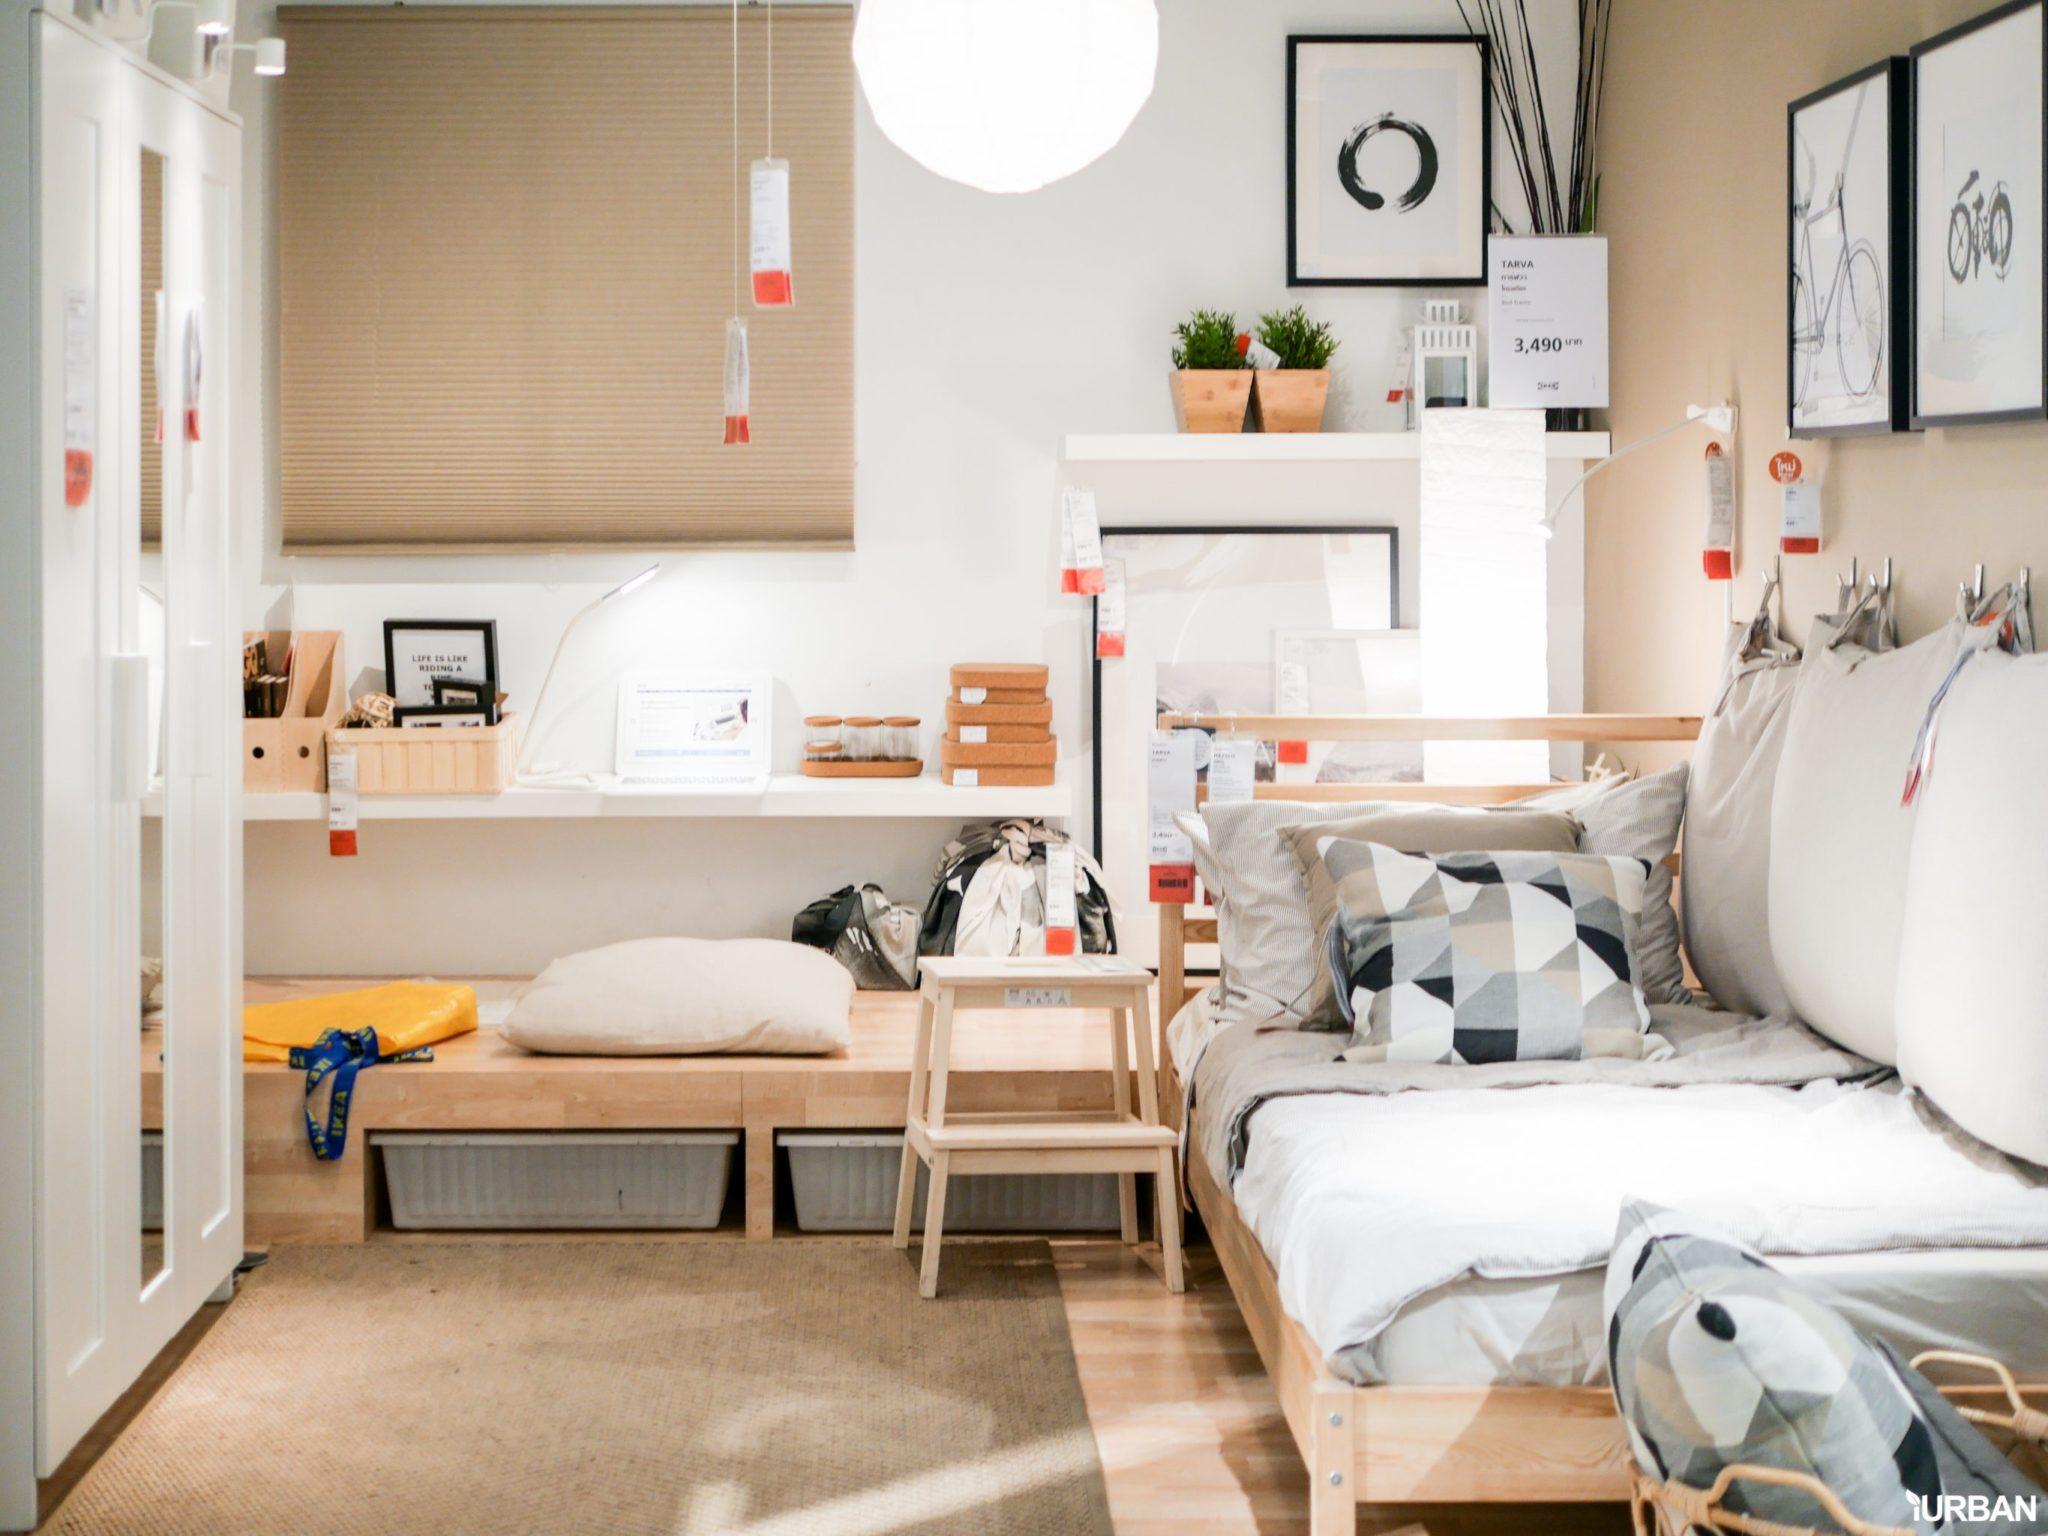 """9 วิธีจัดห้องเก่าให้เหมือนใหม่ ลอกวิธีจัดห้องในพื้นที่เล็ก """"Small Space"""" แบบ IKEA 20 - Bedroom"""